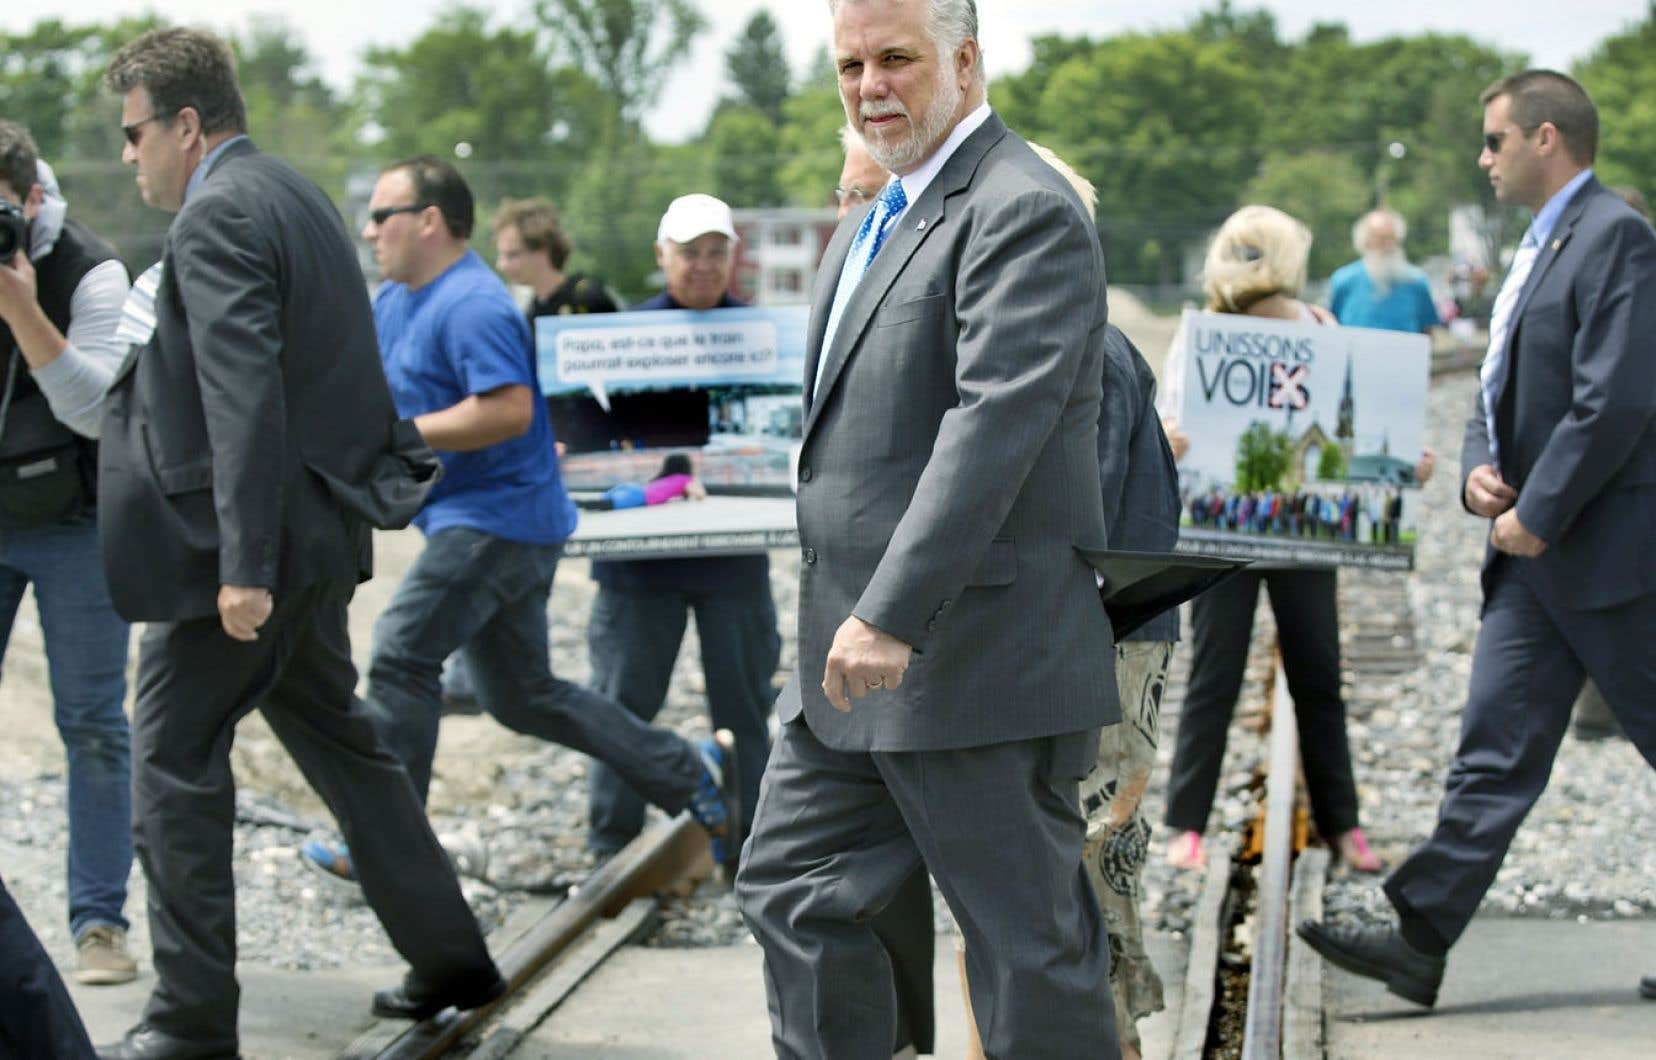 Le premier ministre Philippe Couillard traversant la voie ferrée à Lac-Mégantic, dimanche, devant des manifestants qui ont attiré l'attention des élus sur l'importance d'une voie de contournement pour la municipalité après le déraillement du 6 juillet 2013.